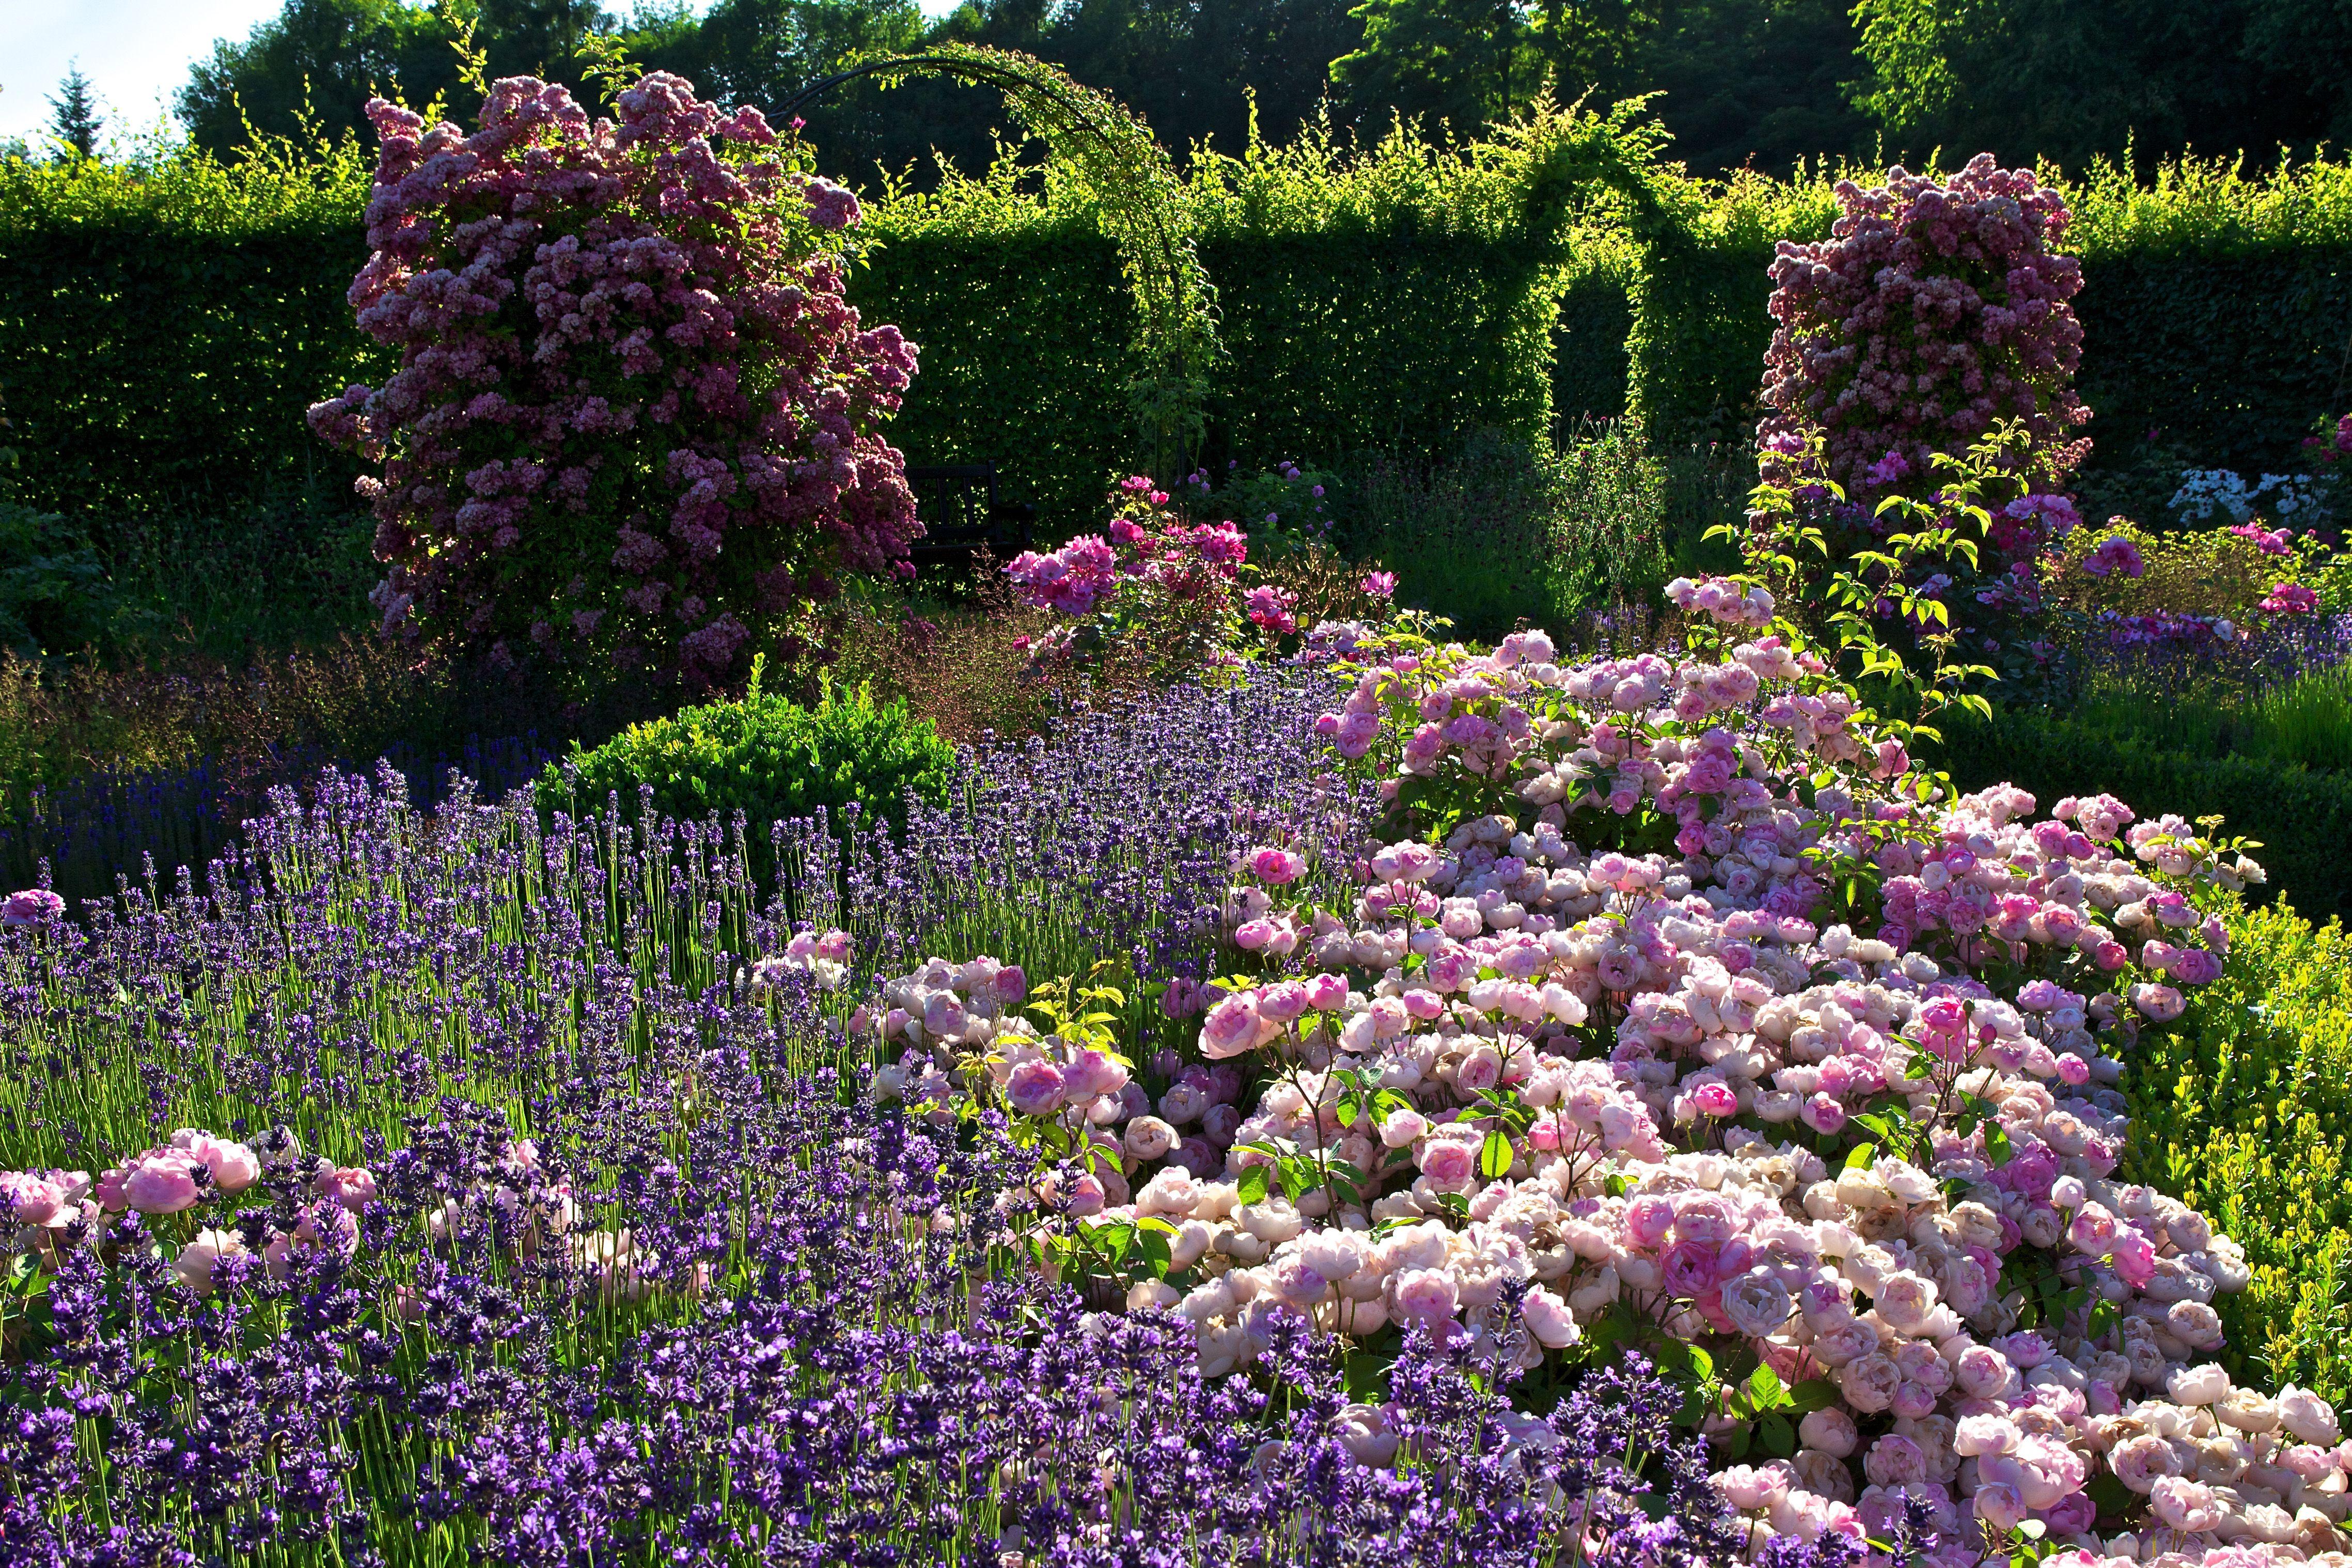 Luxury rose Rosengarten Zweibr cken Google